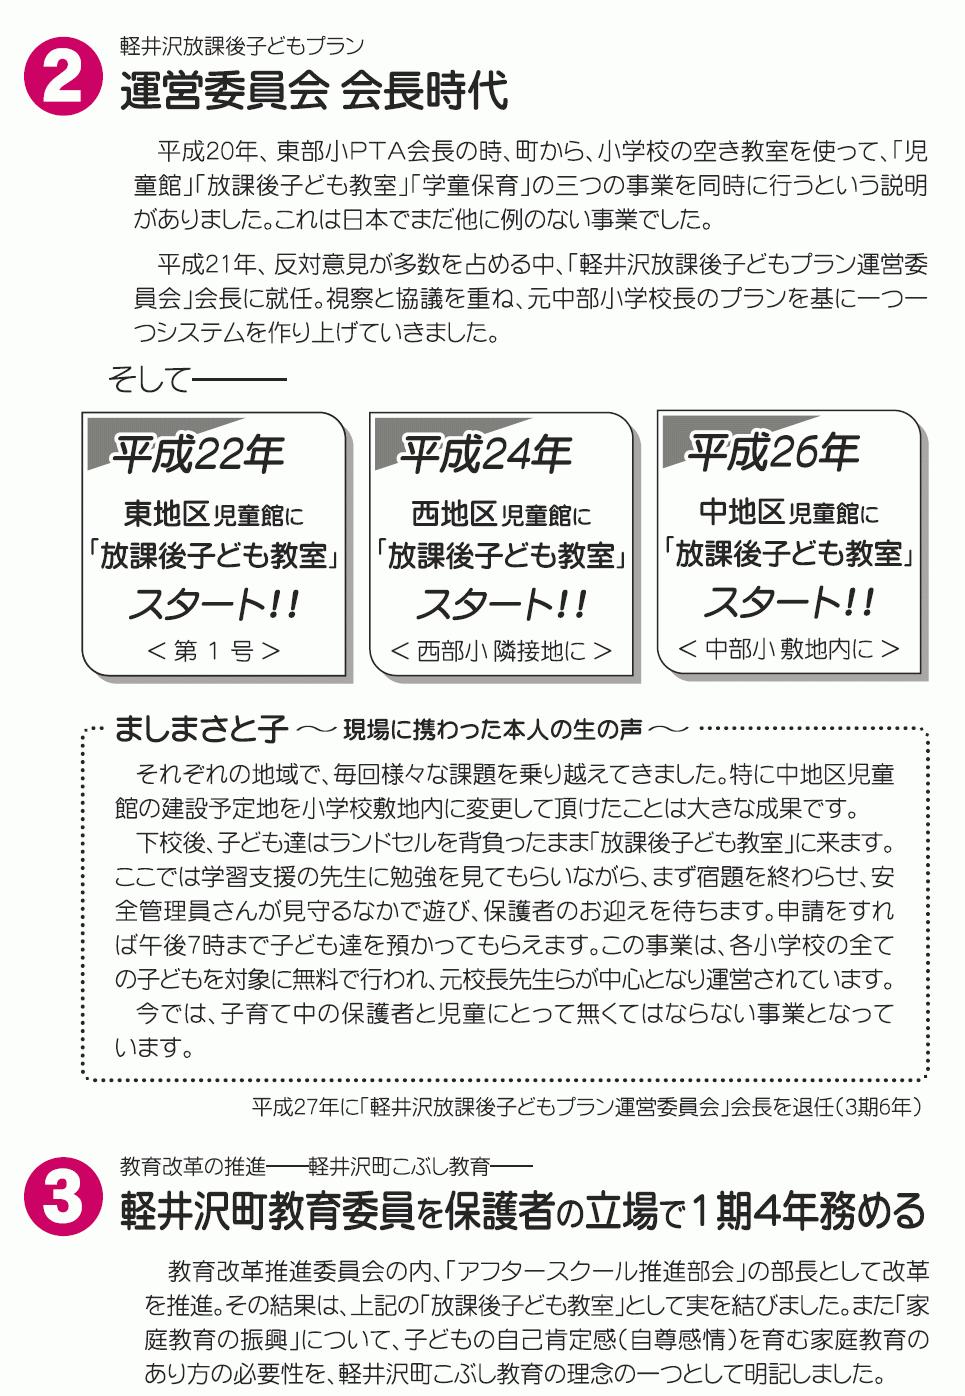 聡子ストーリー3